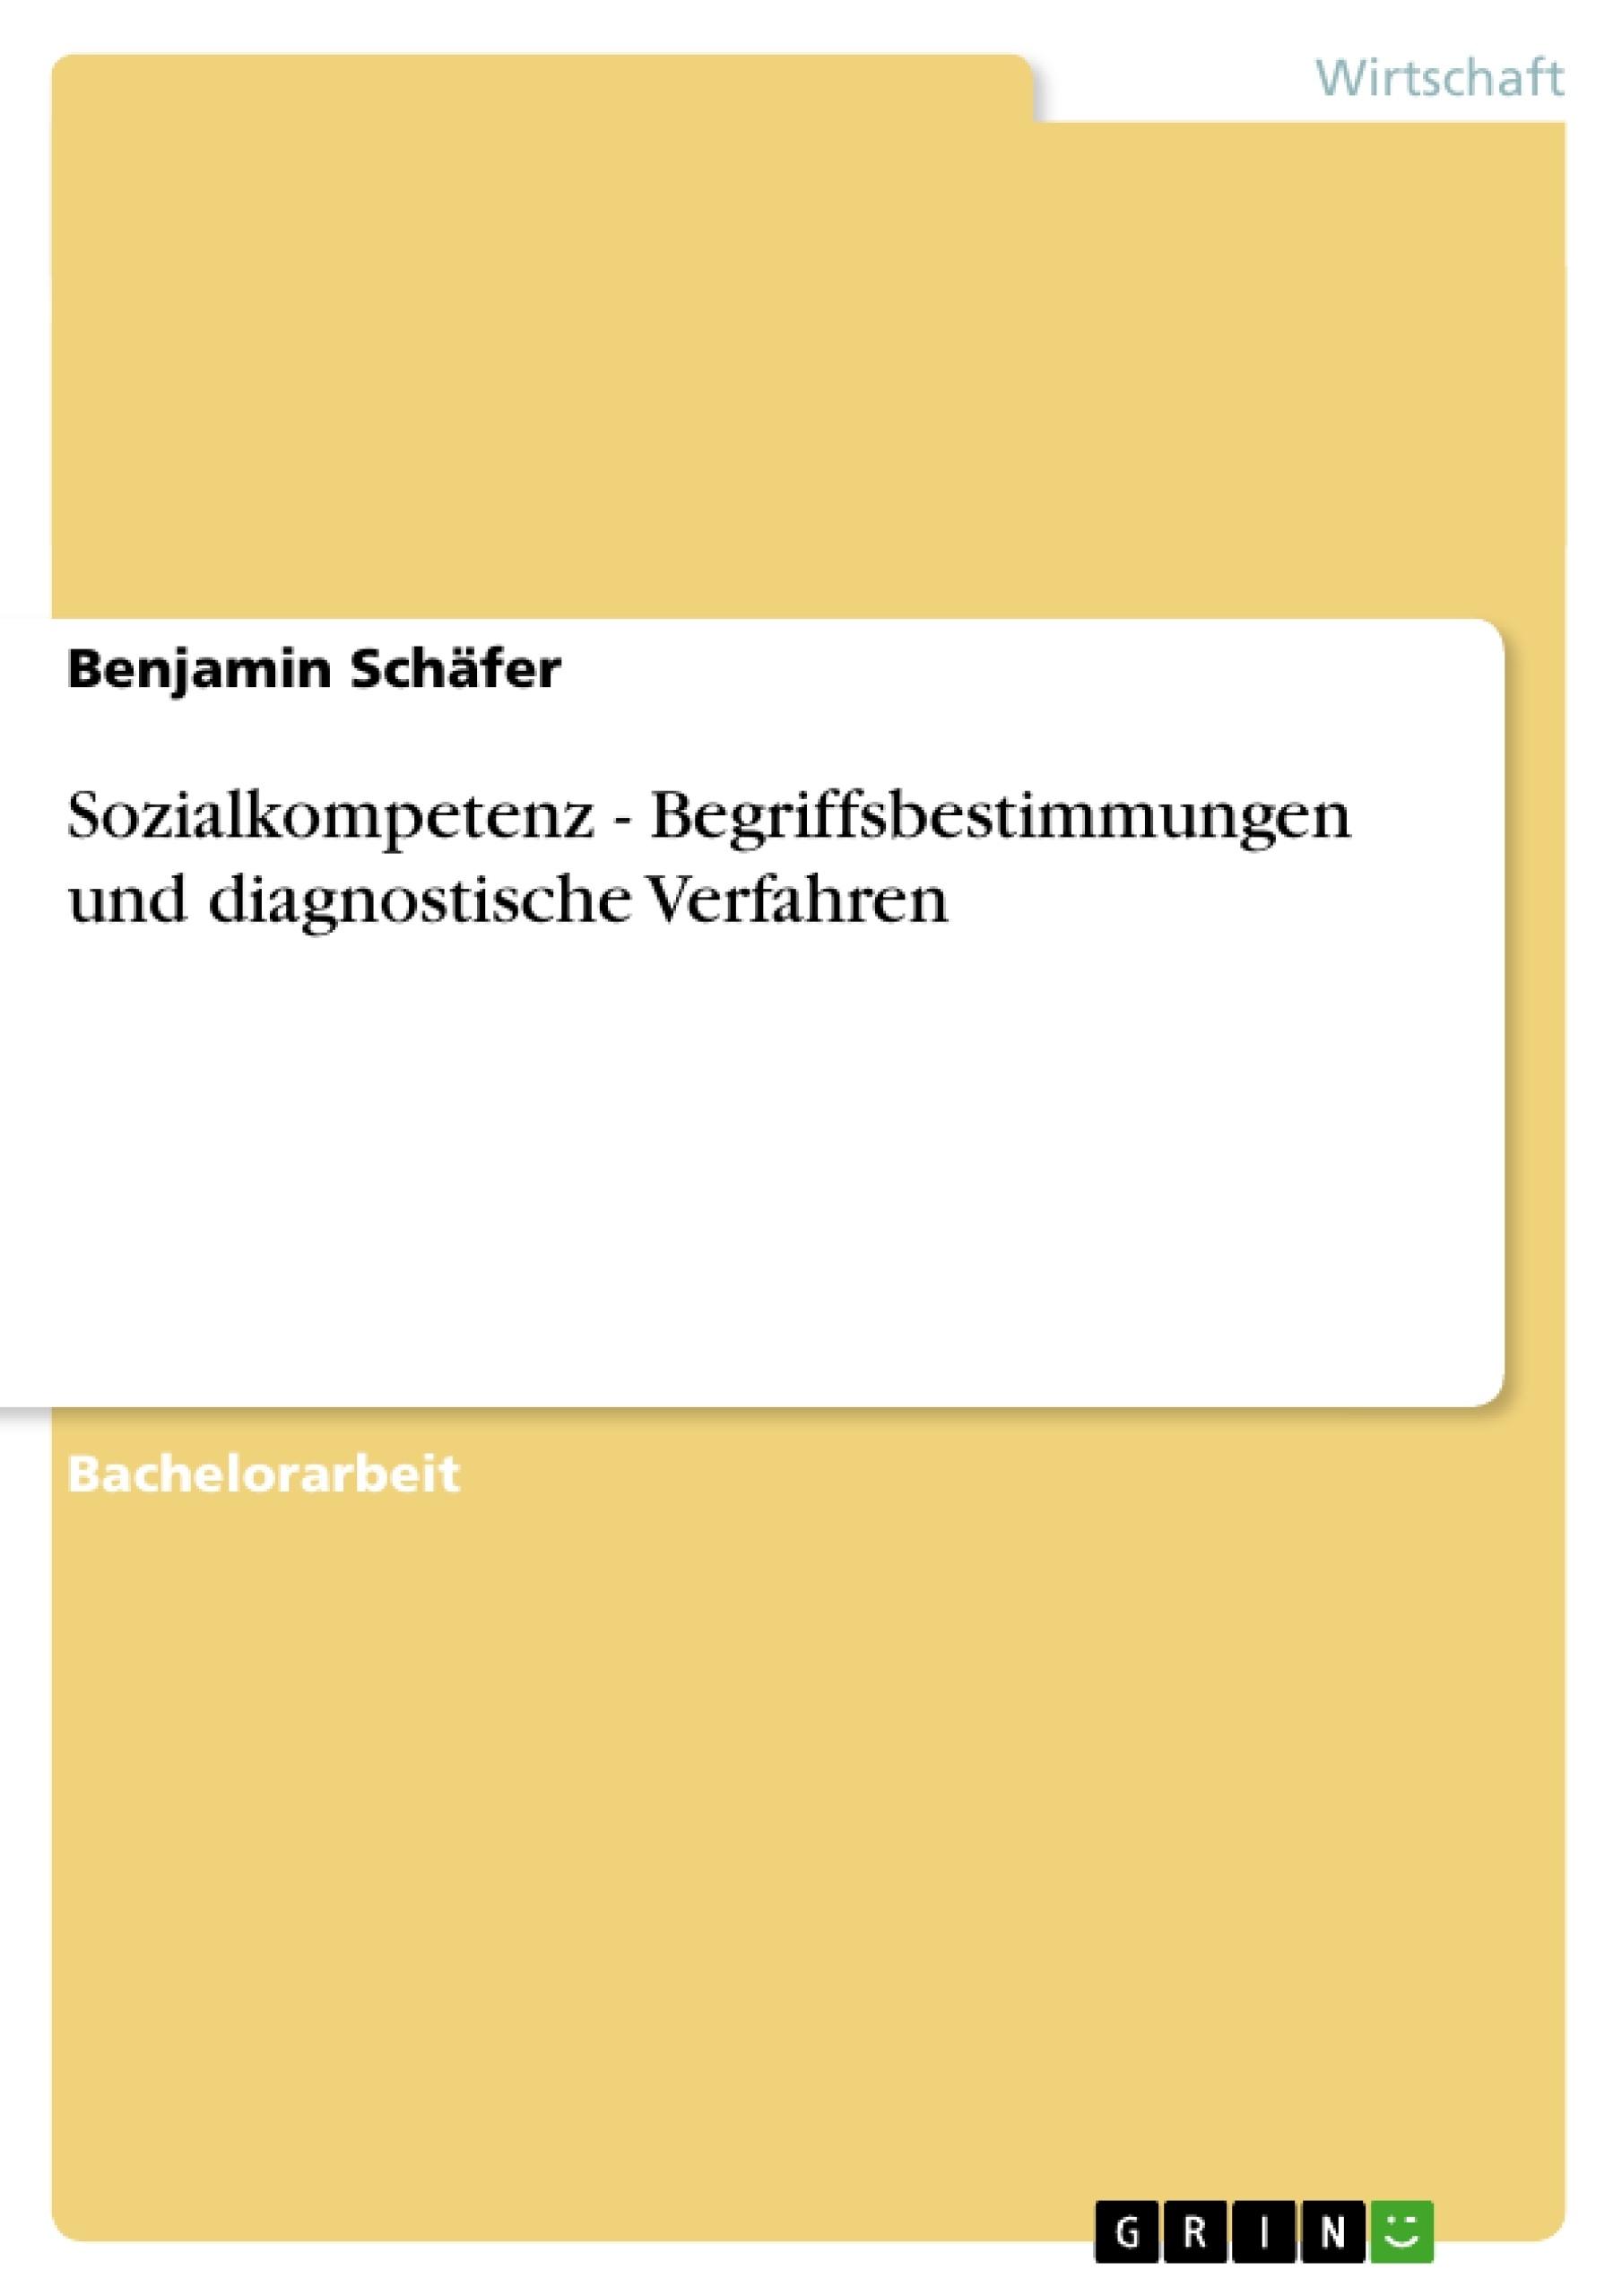 Titel: Sozialkompetenz - Begriffsbestimmungen und diagnostische Verfahren